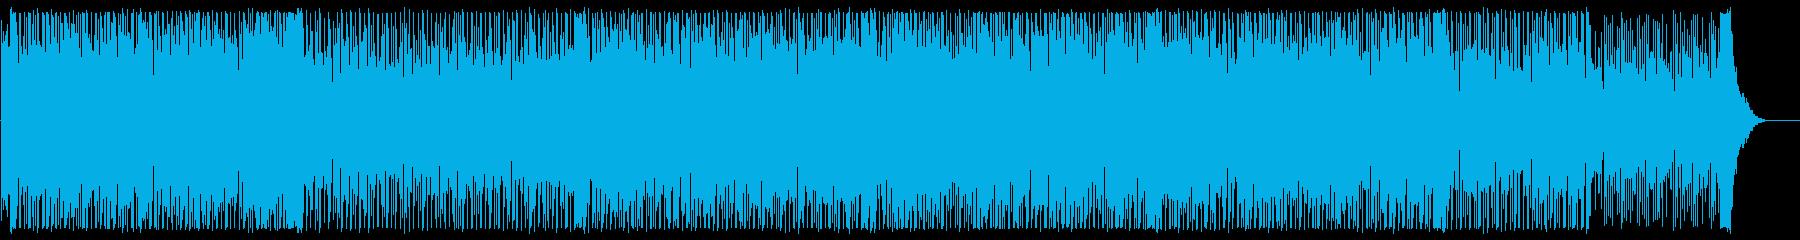 爽やかシンセのテクノポップの再生済みの波形